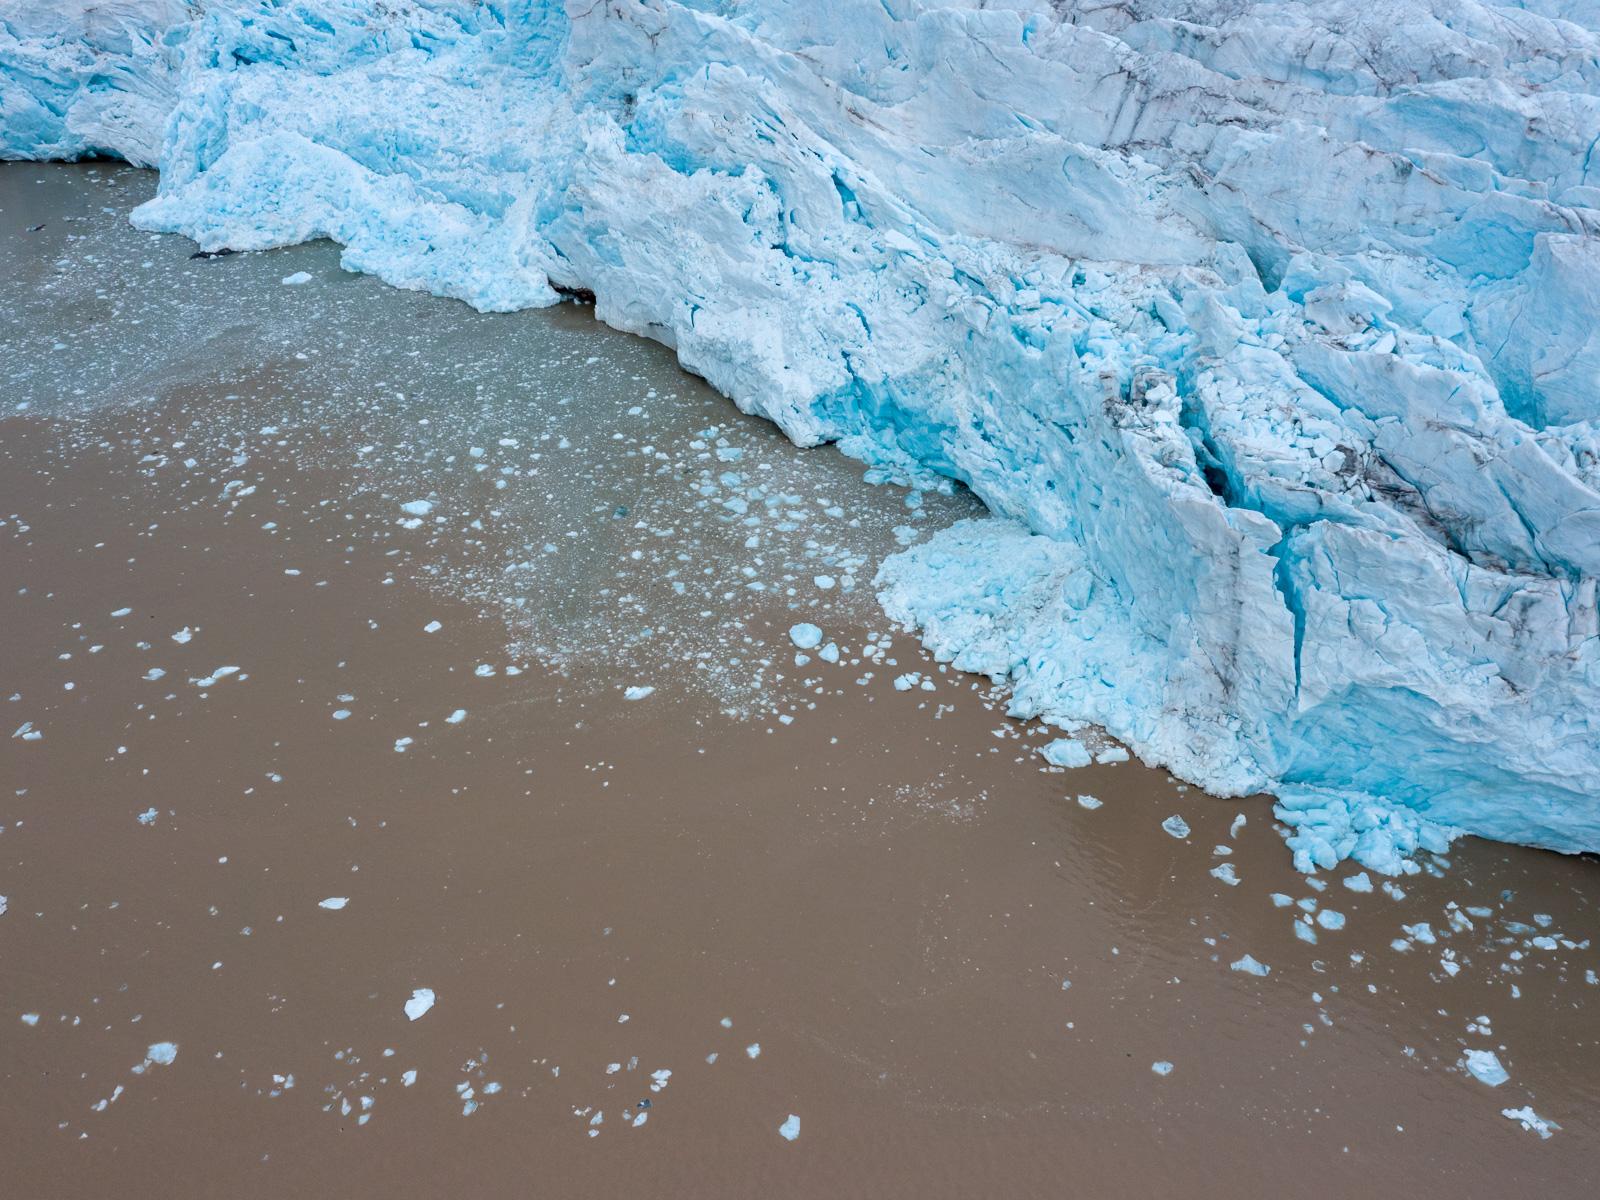 Svalbard_Spitsbergen_Ghiacciaio_Glacier-1